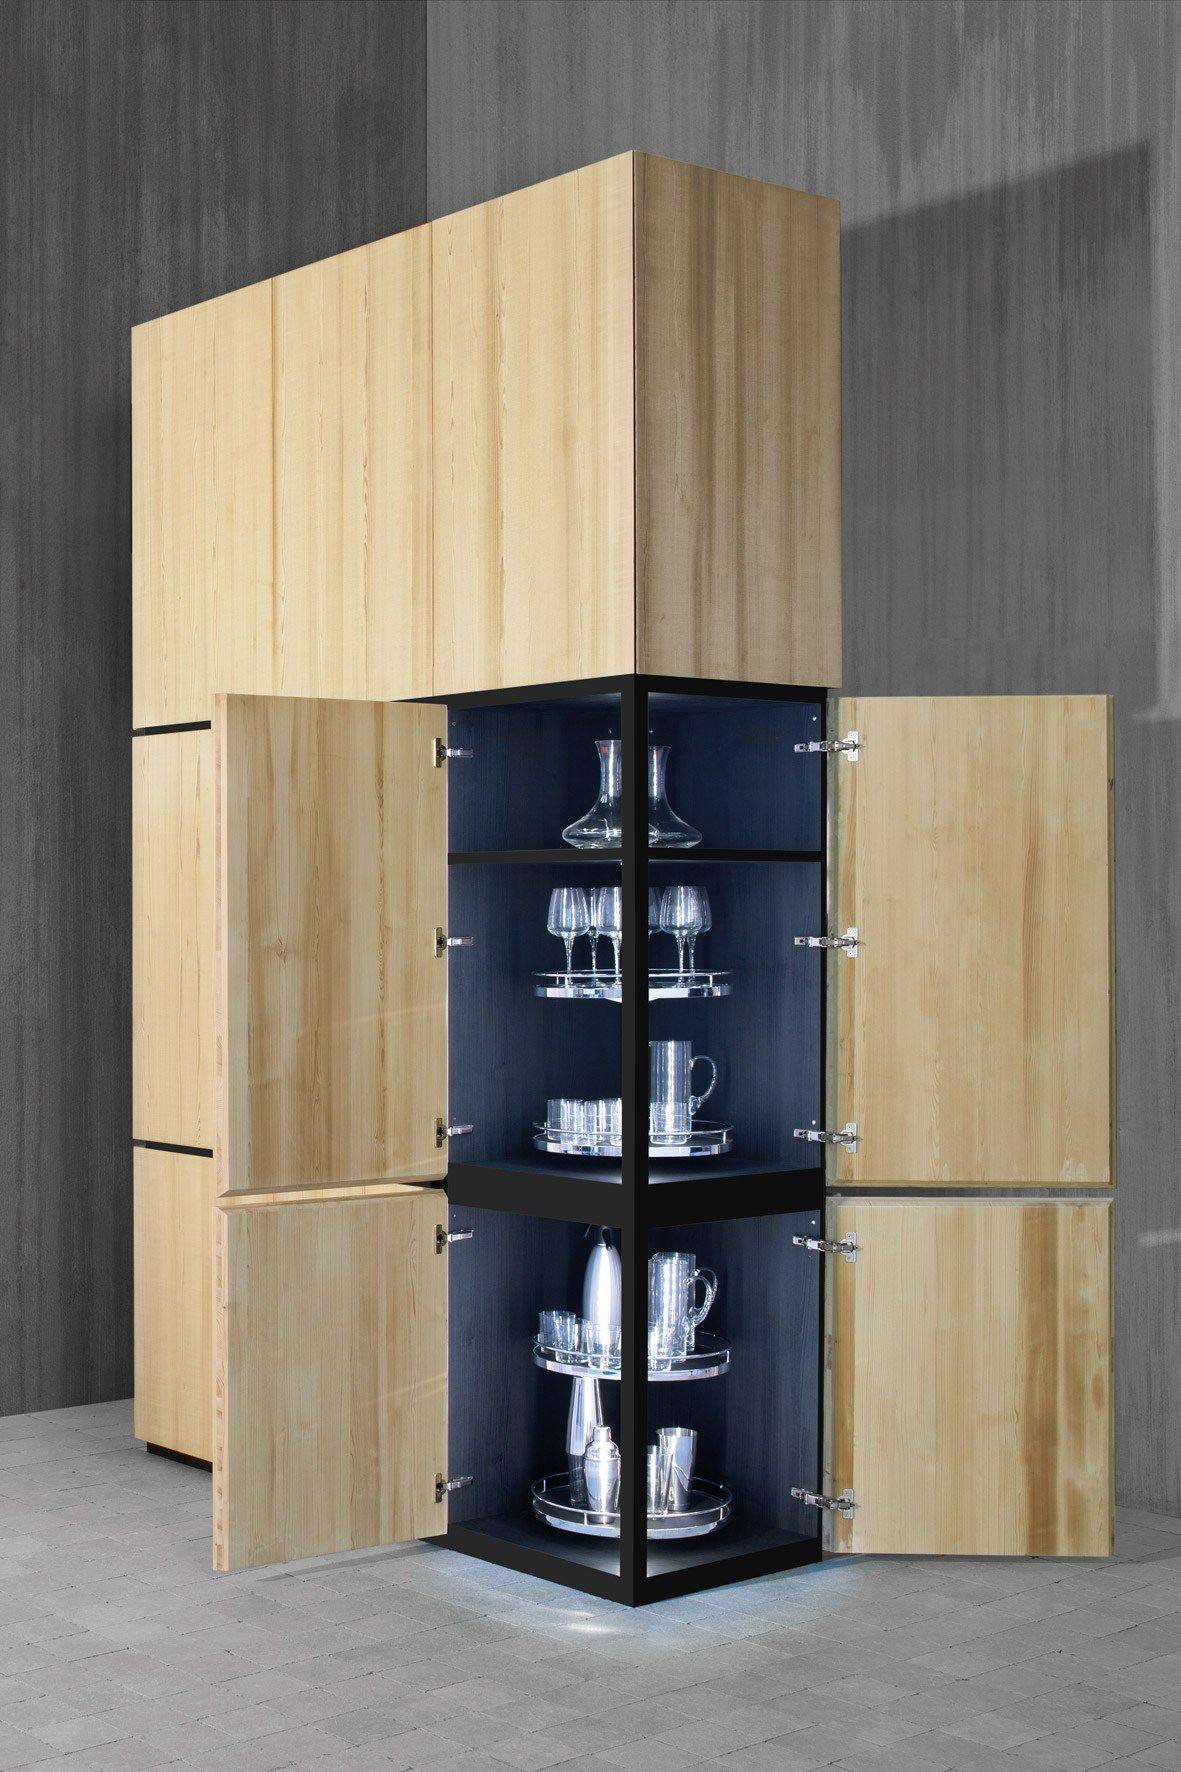 cozinha móveis para cozinha módulos de cozinha independentes #8E733D 1181x1772